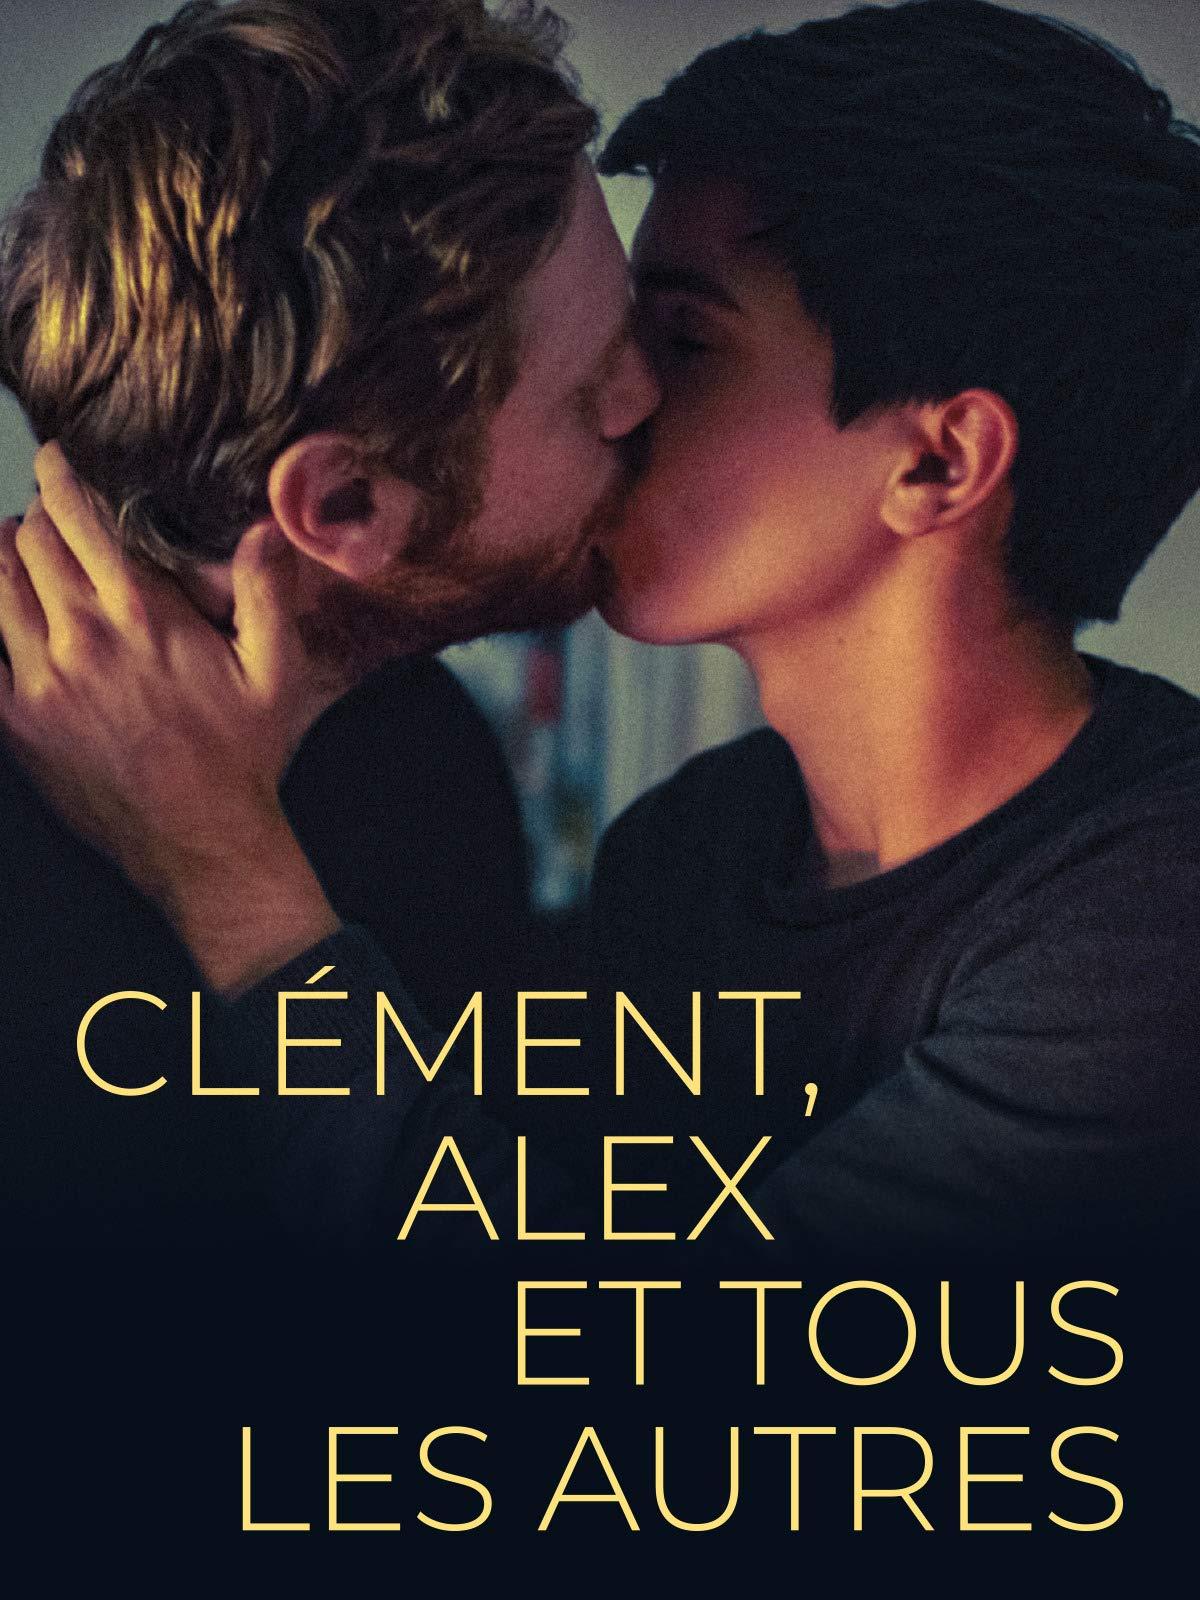 Clément, Alex et tous les autres on Amazon Prime Video UK